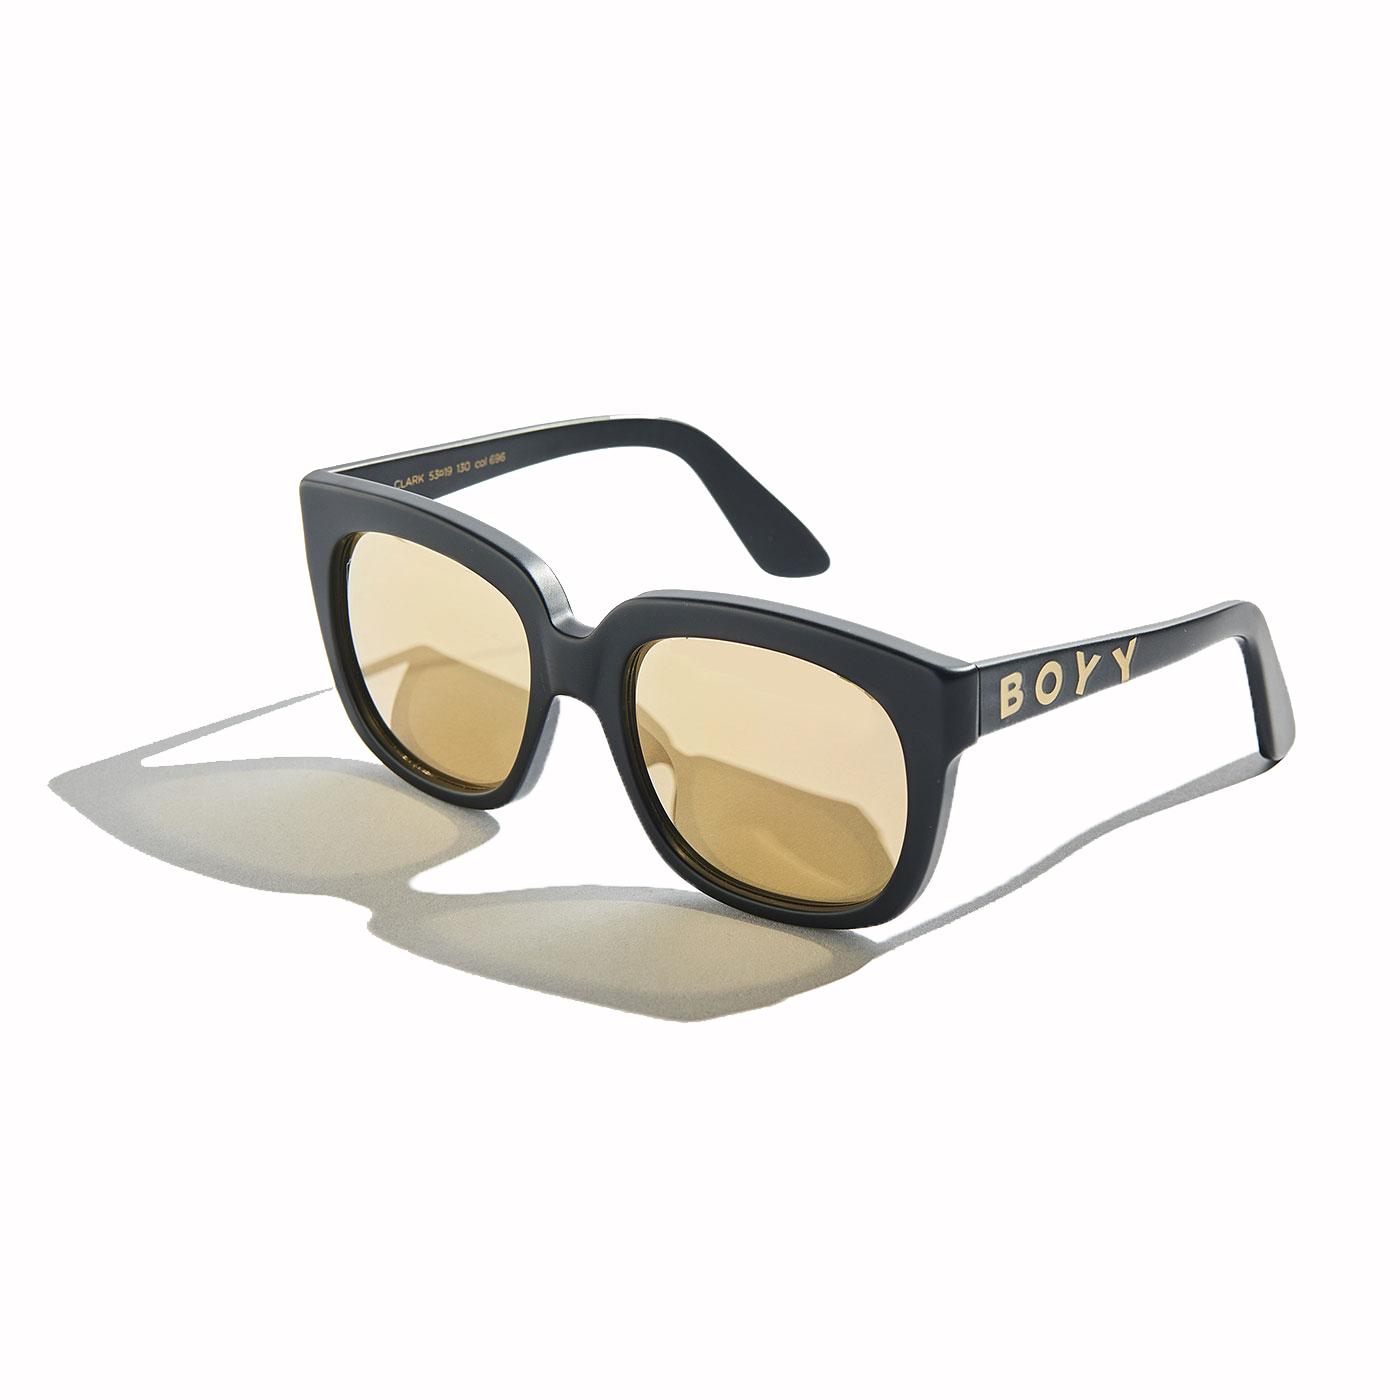 e72193aab76f Clark Black Sunglasses - i-D Concept Stores